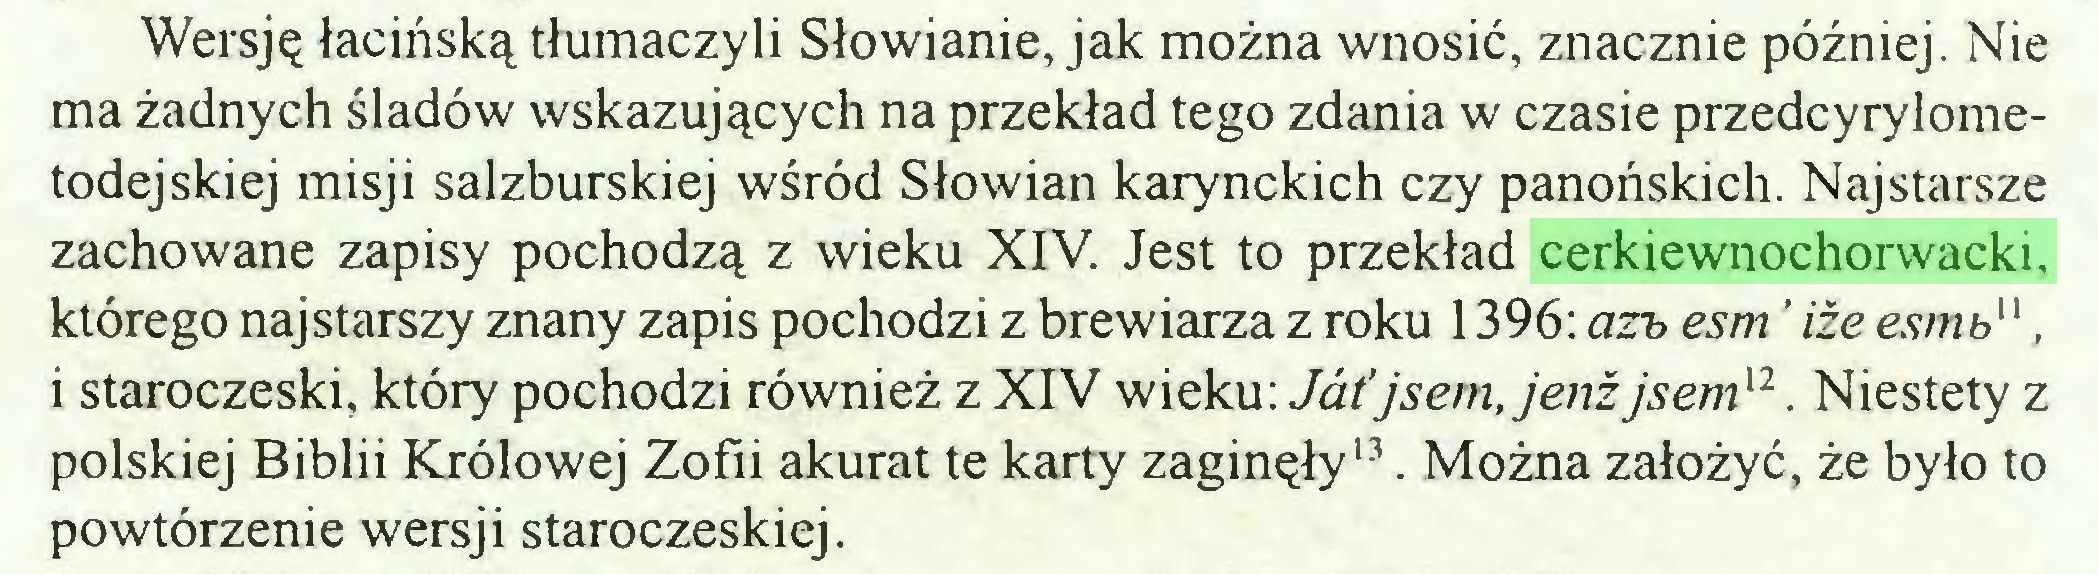 (...) Wersję łacińską tłumaczyli Słowianie, jak można wnosić, znacznie później. Nie ma żadnych śladów wskazujących na przekład tego zdania w czasie przedcyrylometodejskiej misji salzburskiej wśród Słowian karynckich czy panońskich. Najstarsze zachowane zapisy pochodzą z wieku XIV. Jest to przekład cerkiewnochorwacki, którego najstarszy znany zapis pochodzi z brewiarza z roku 1396: azb esm ' iże esmb11  12, i staroczeski, który pochodzi również z XIV wieku: Jàt'jsem.jenźjsemn. Niestety z polskiej Biblii Królowej Zofii akurat te karty zaginęły13. Można założyć, że było to powtórzenie wersji staroczeskiej...